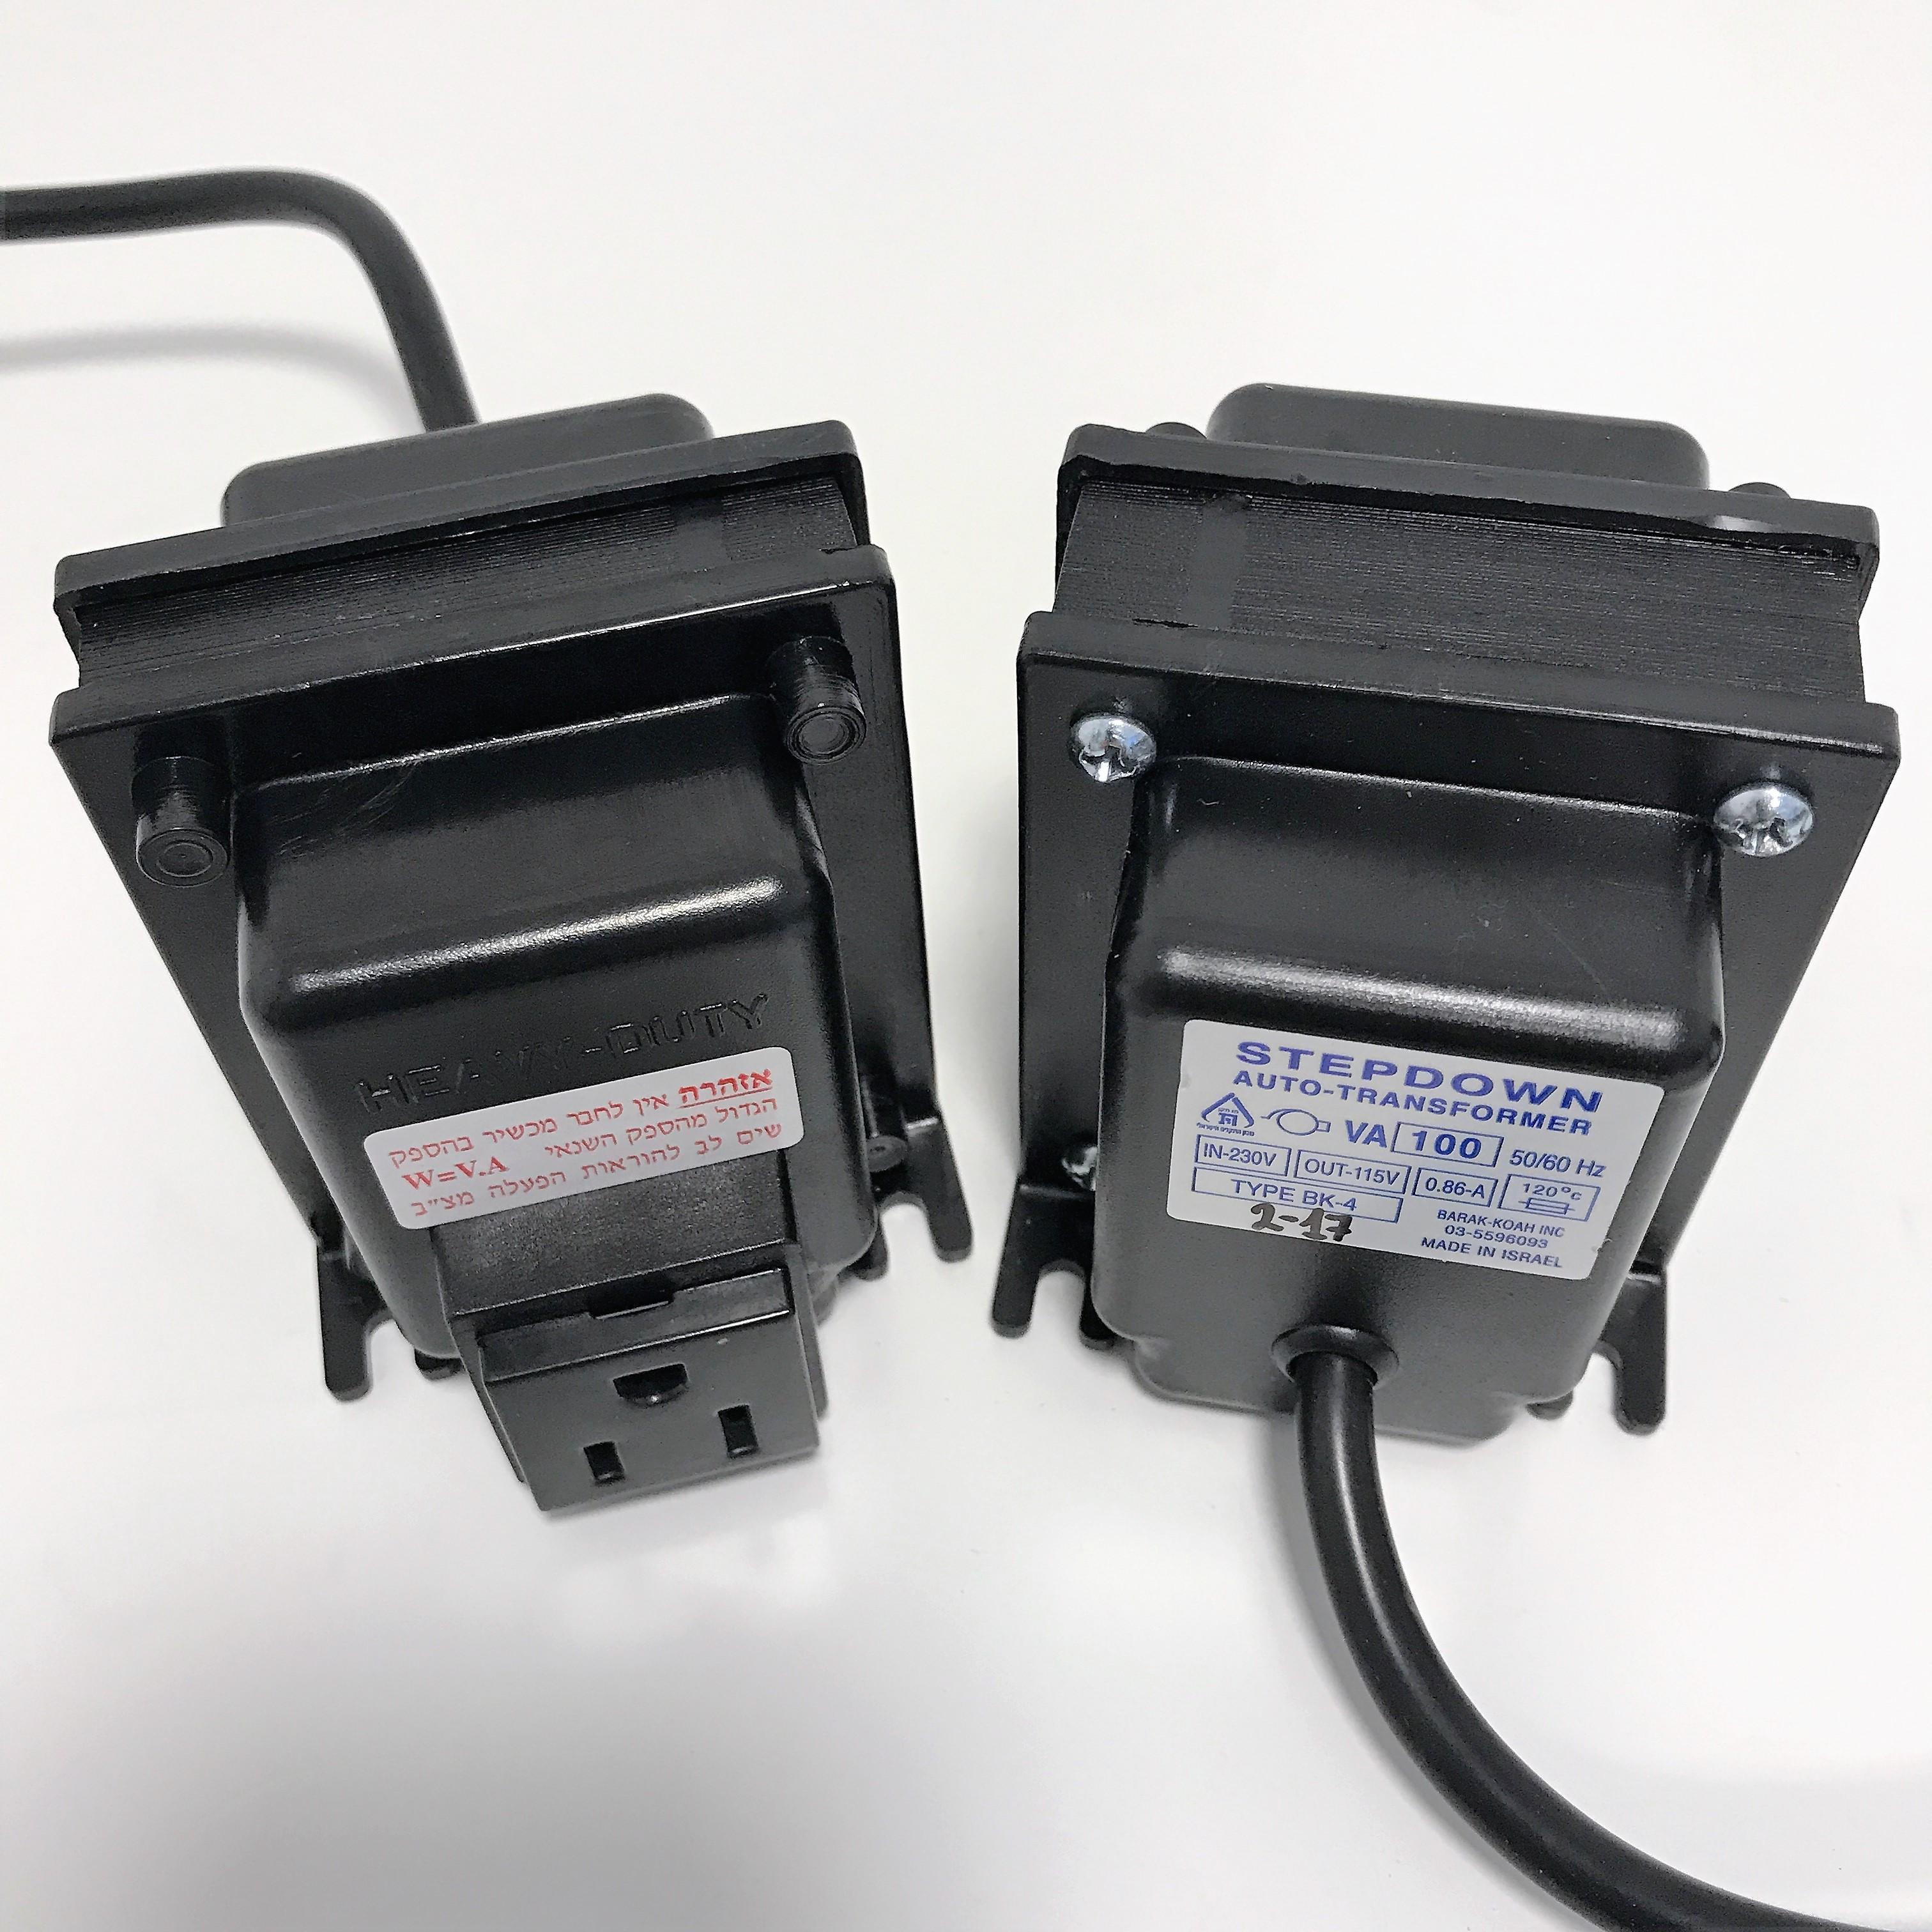 שנאי אוטוטרפו בהספק 630VA (למקרר אמריקאי 105V)